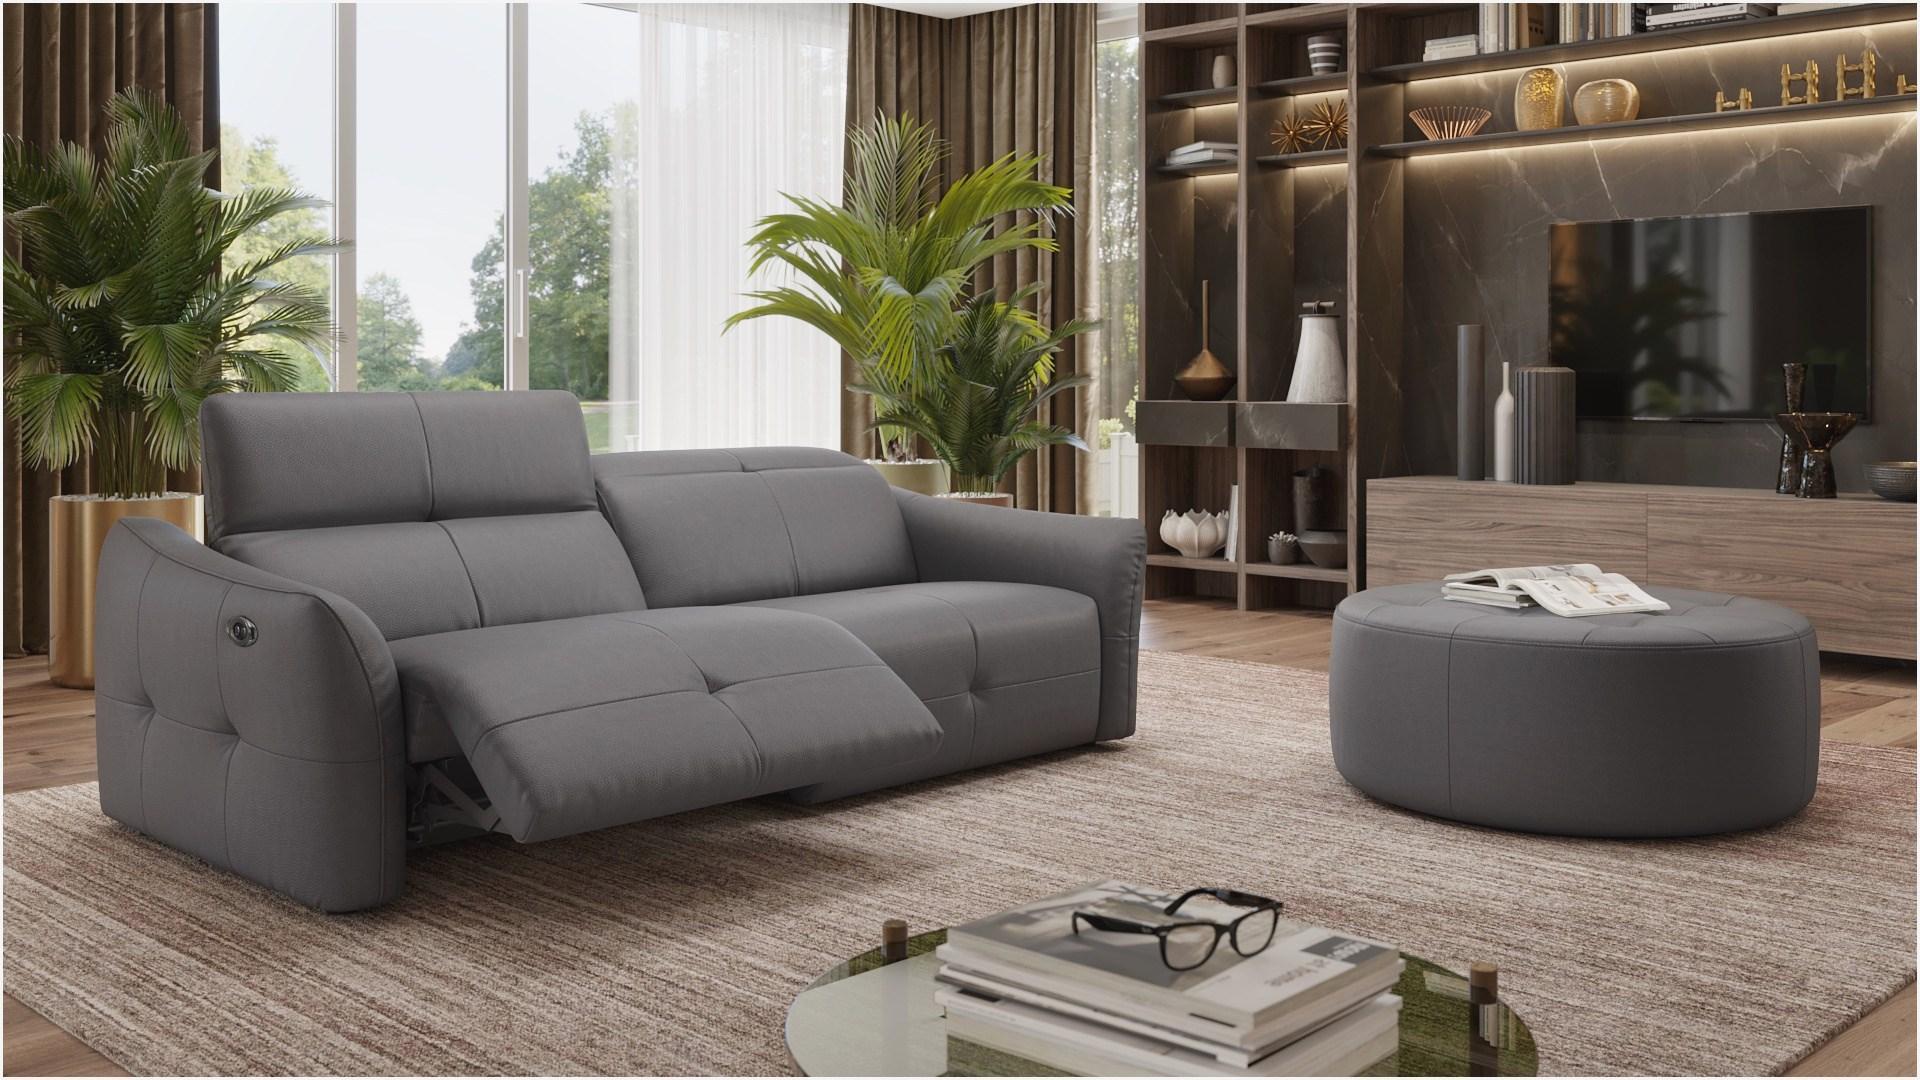 Wohnzimmer Kleine Couch